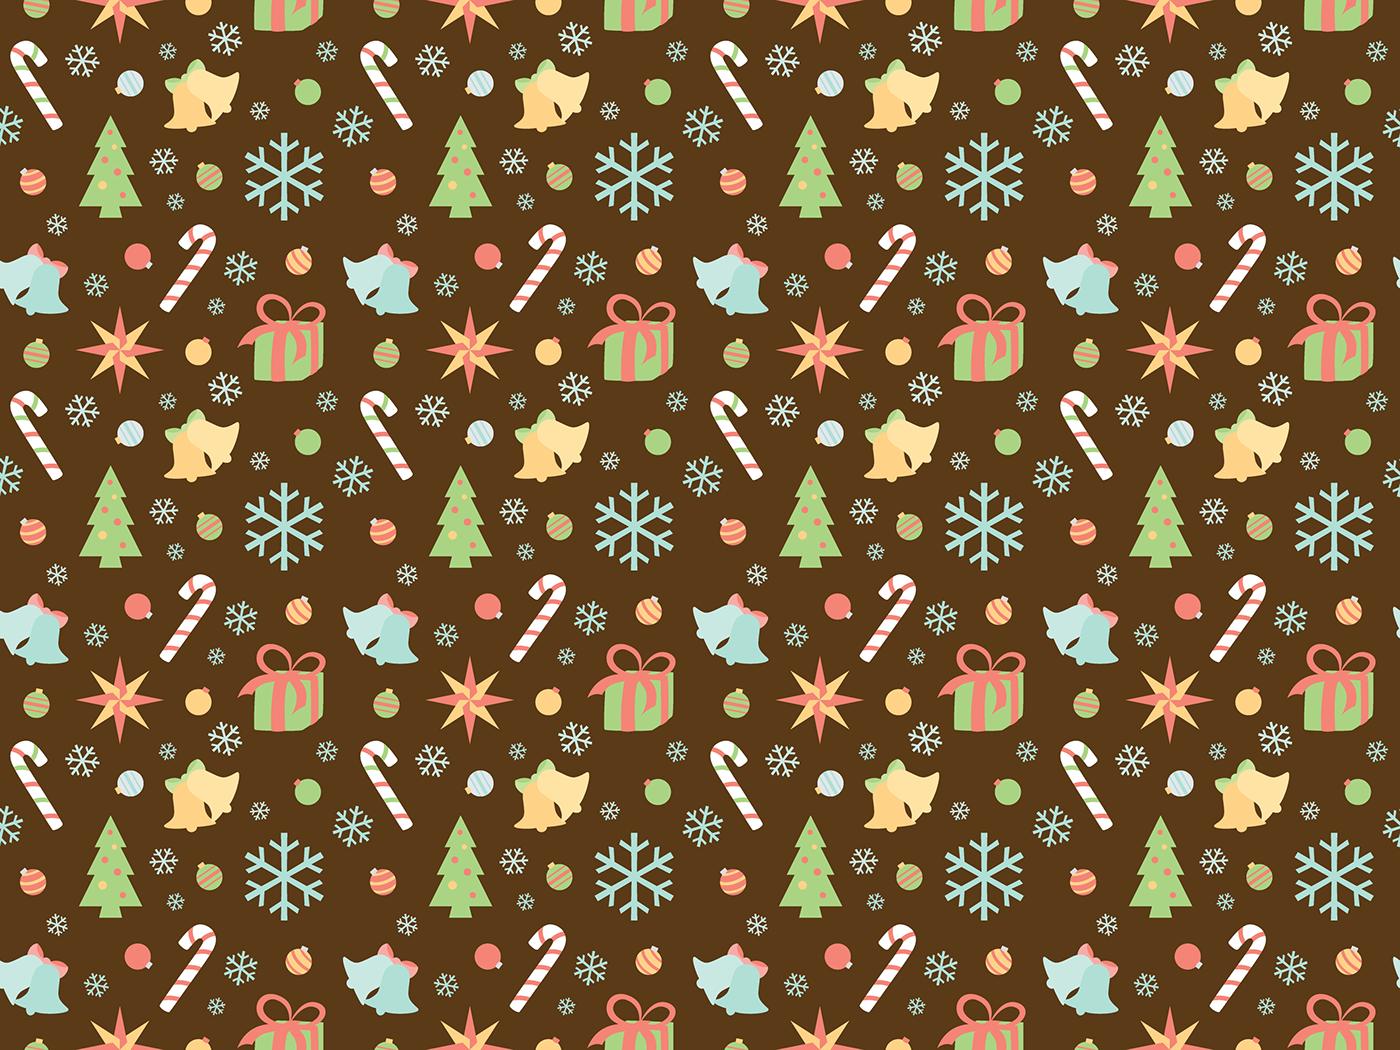 完美的32張聖誕節圖片欣賞